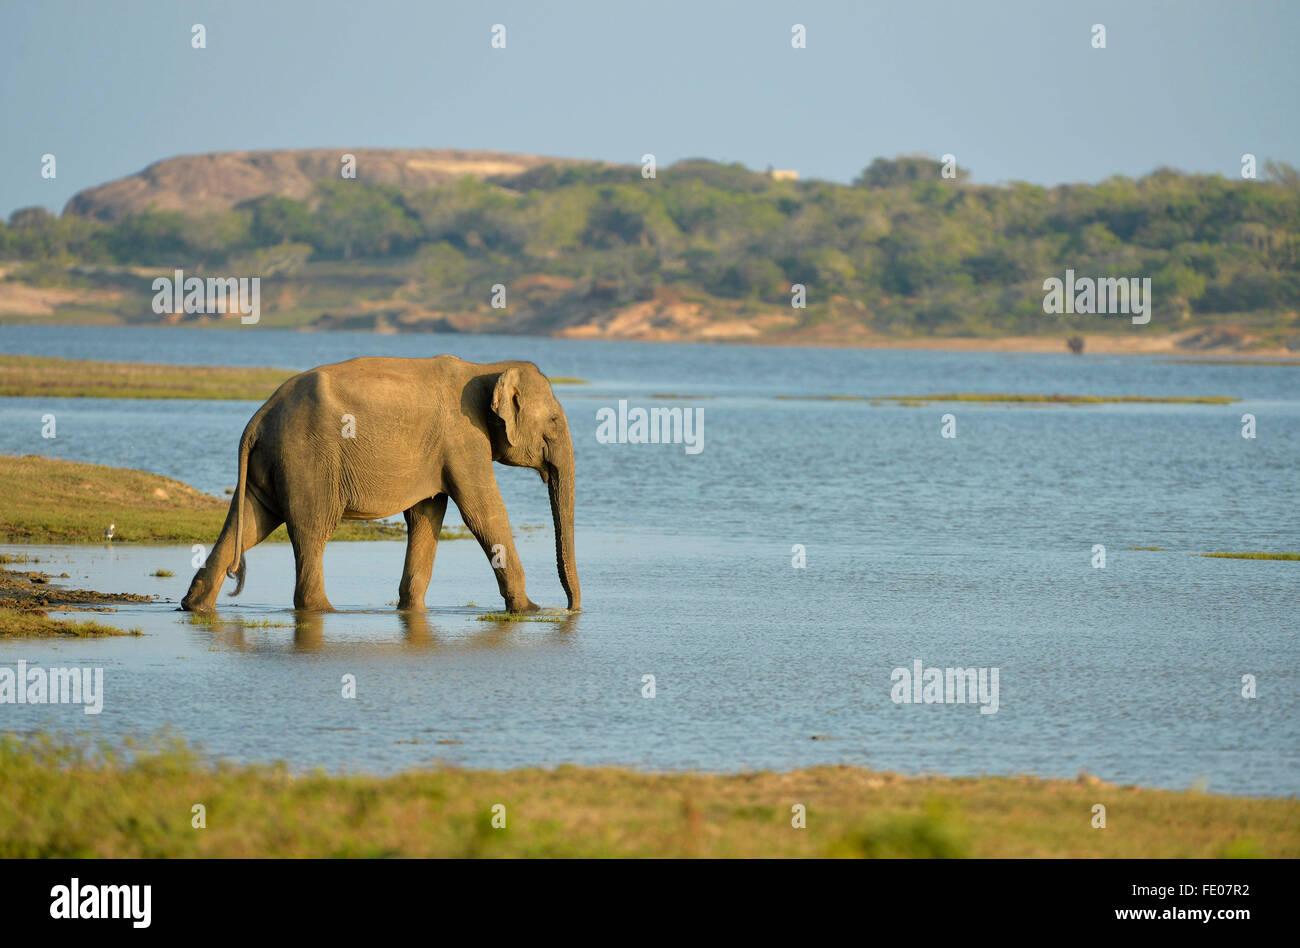 Sri Lanka éléphant (Elephas maximus maximus) marcher dans l'eau peu profonde au bord du lac, parc Photo Stock